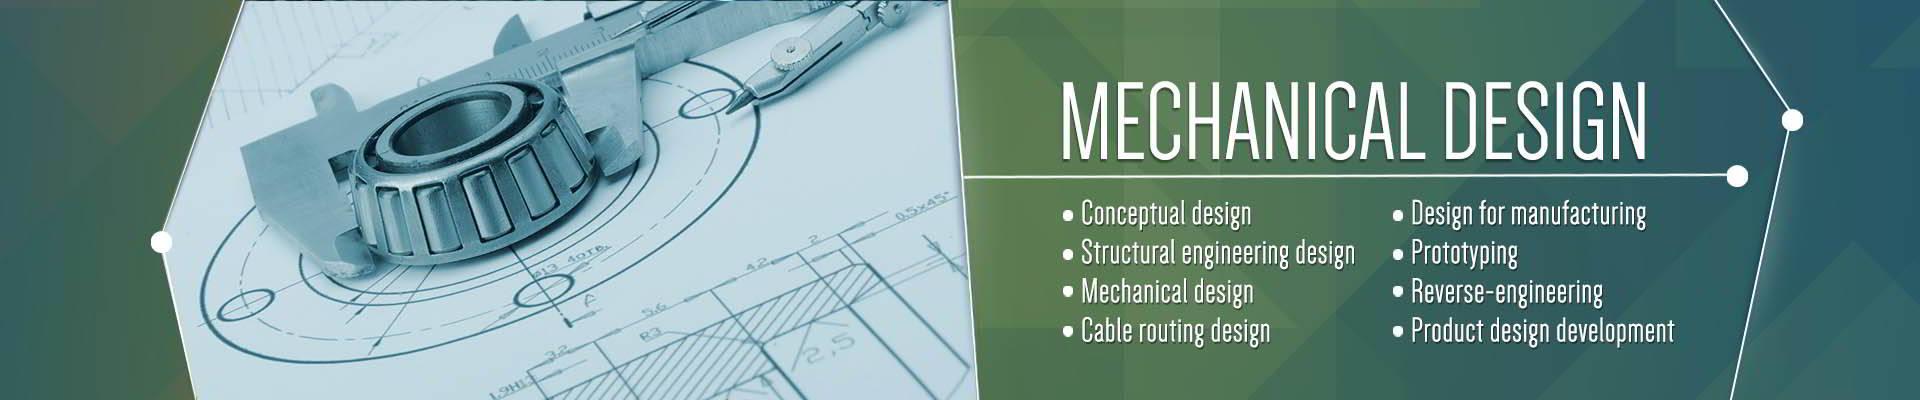 MechanicalDesignICO